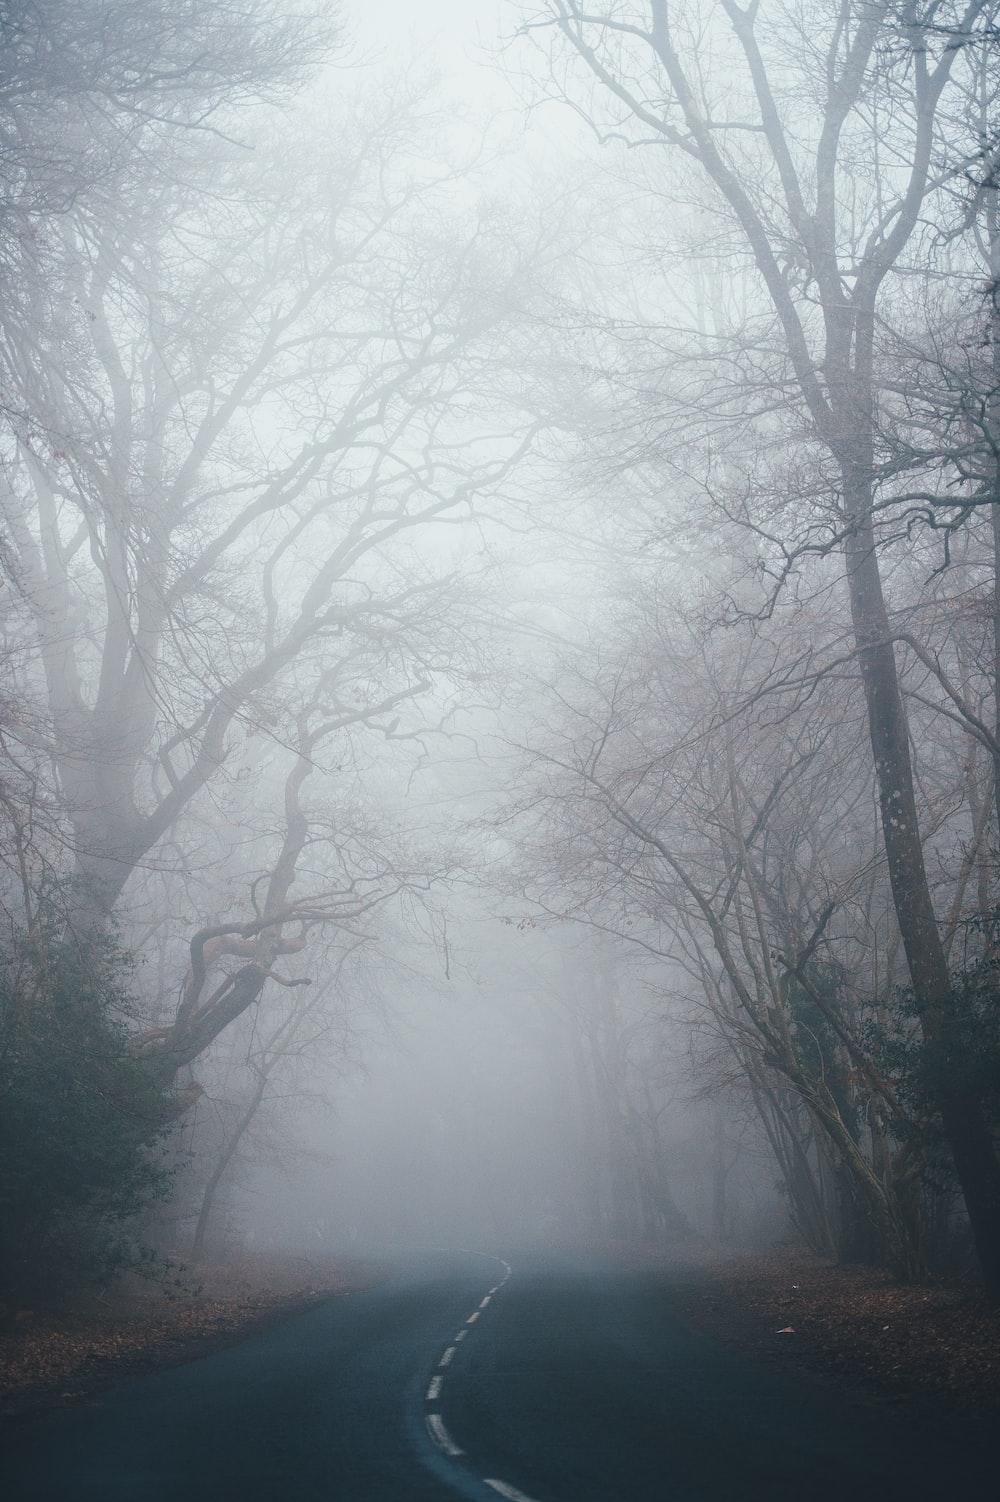 bare tree between road